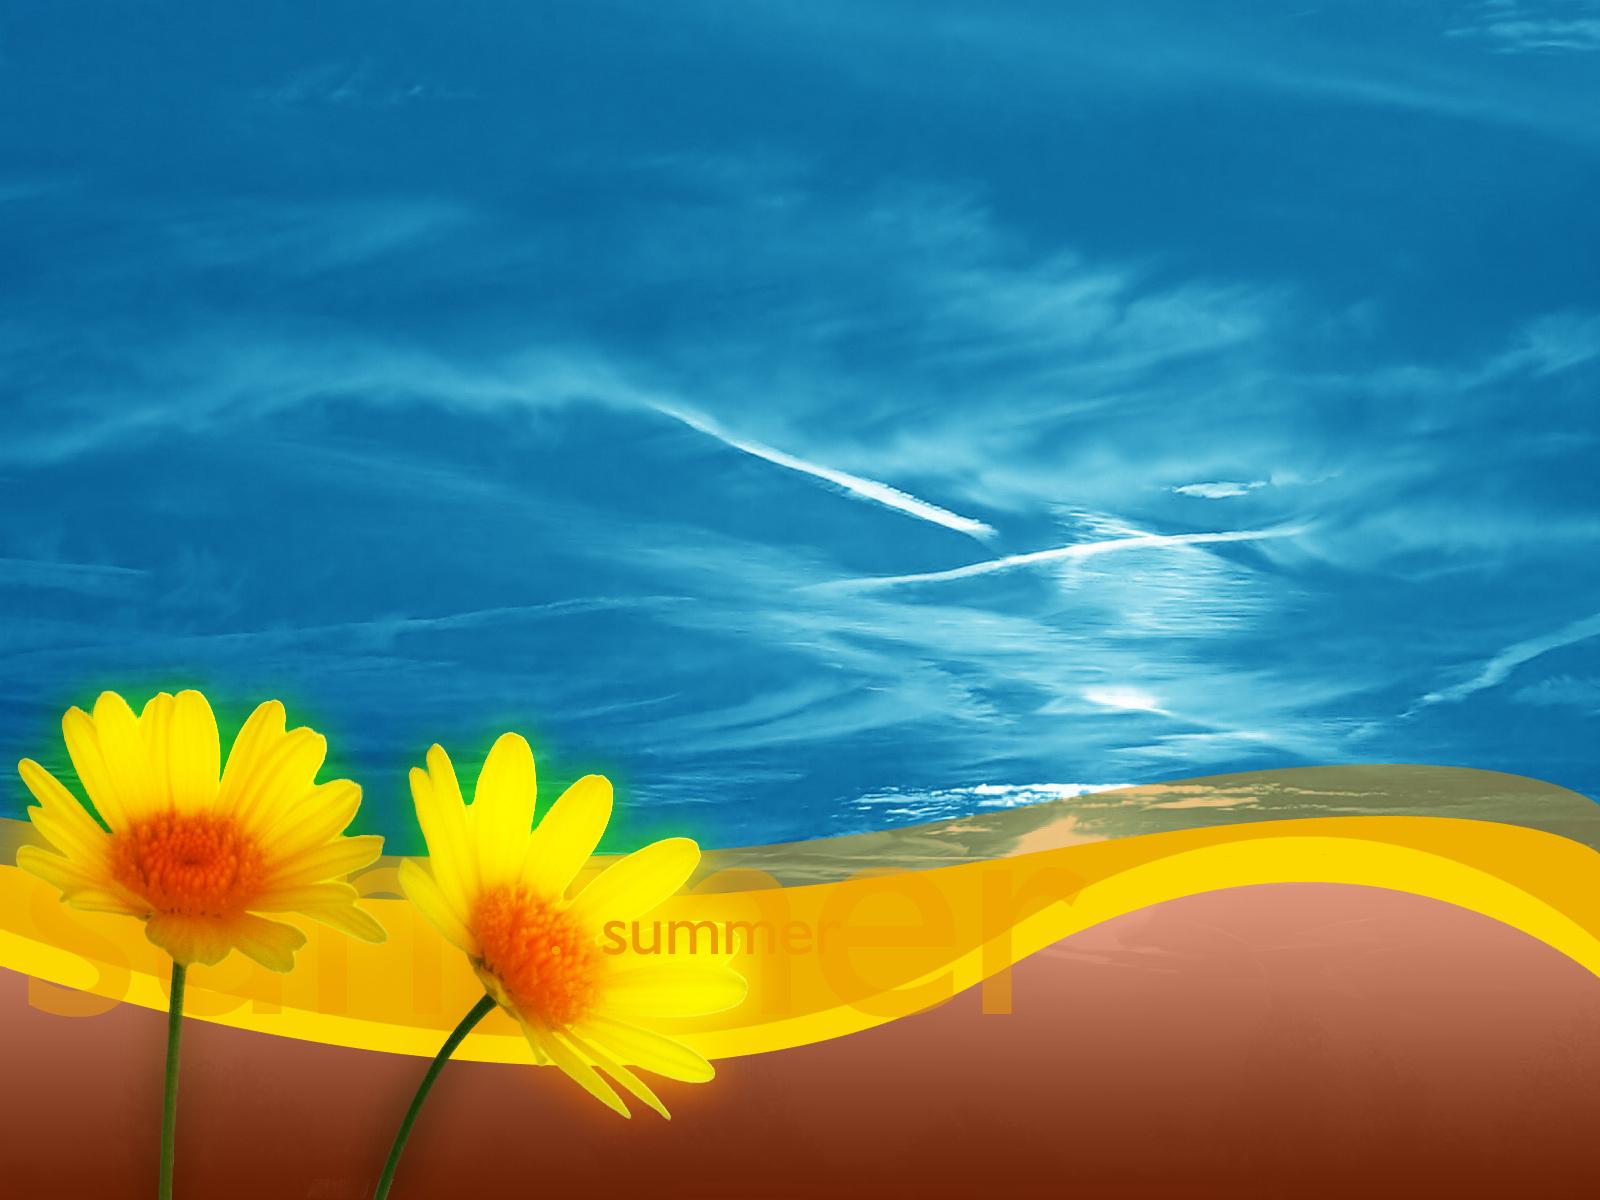 море, цветочки, лето, скачать фото